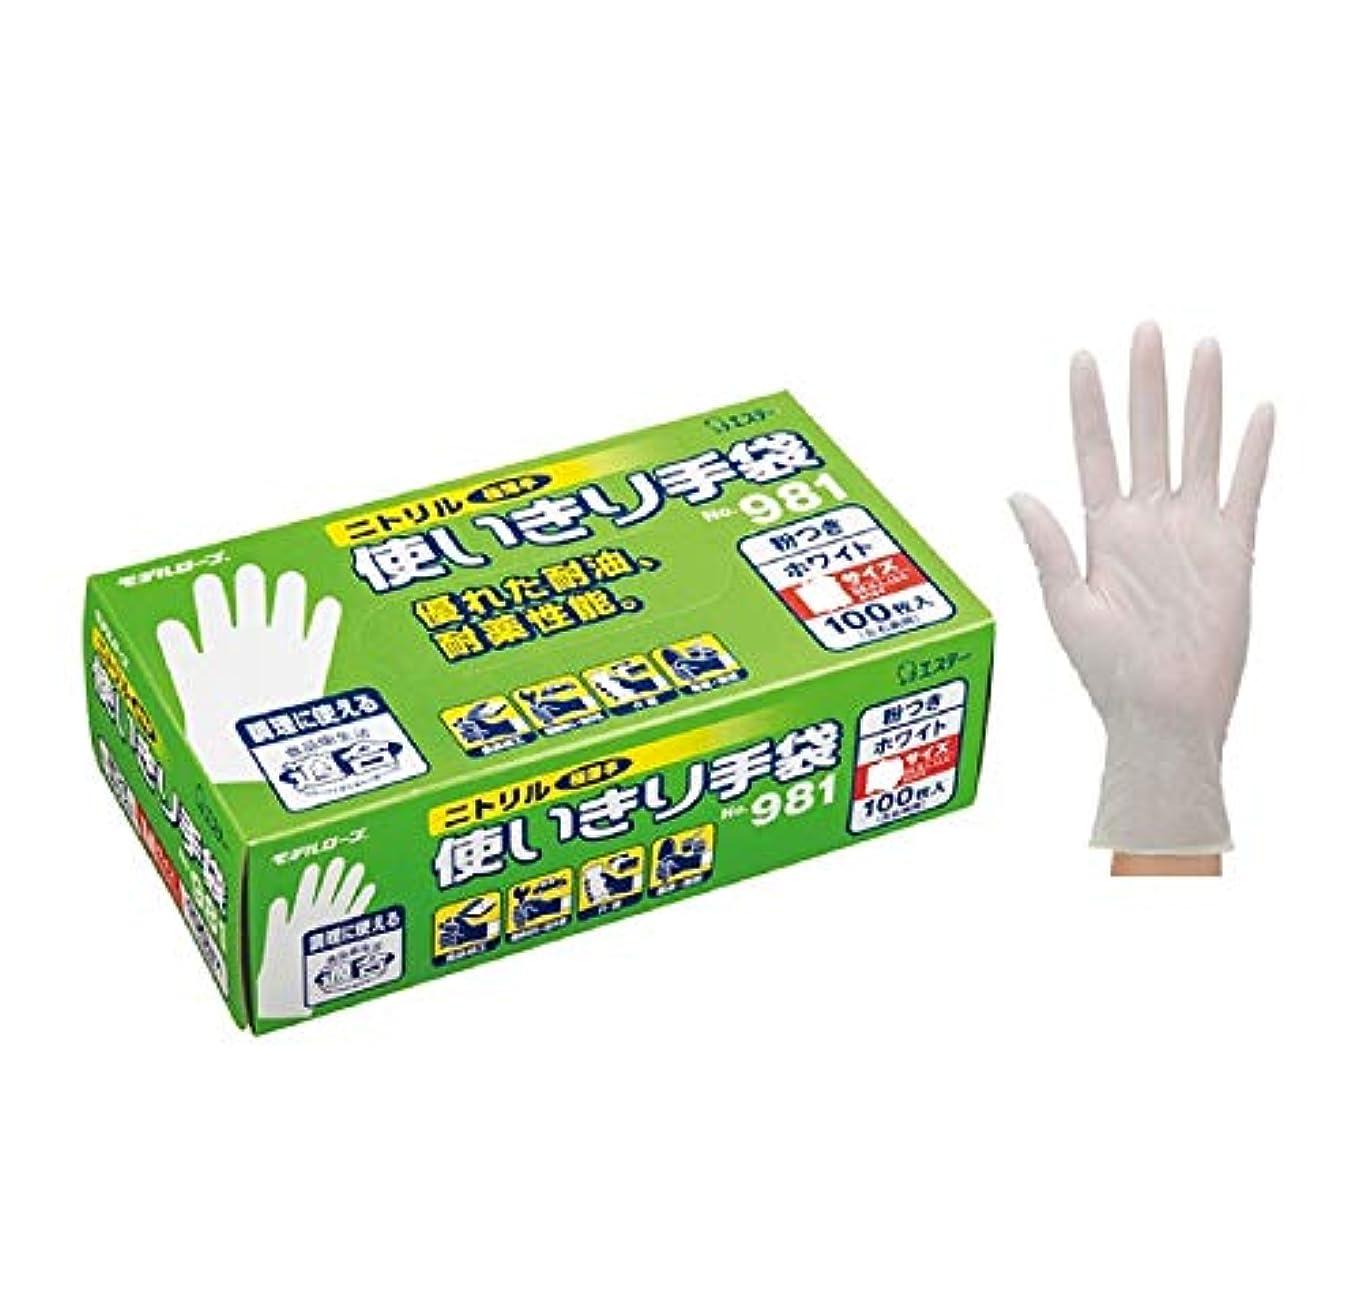 報いるファセットラップインテリア 日用雑貨 掃除用品 ニトリル手袋 粉付 No981 M 12箱